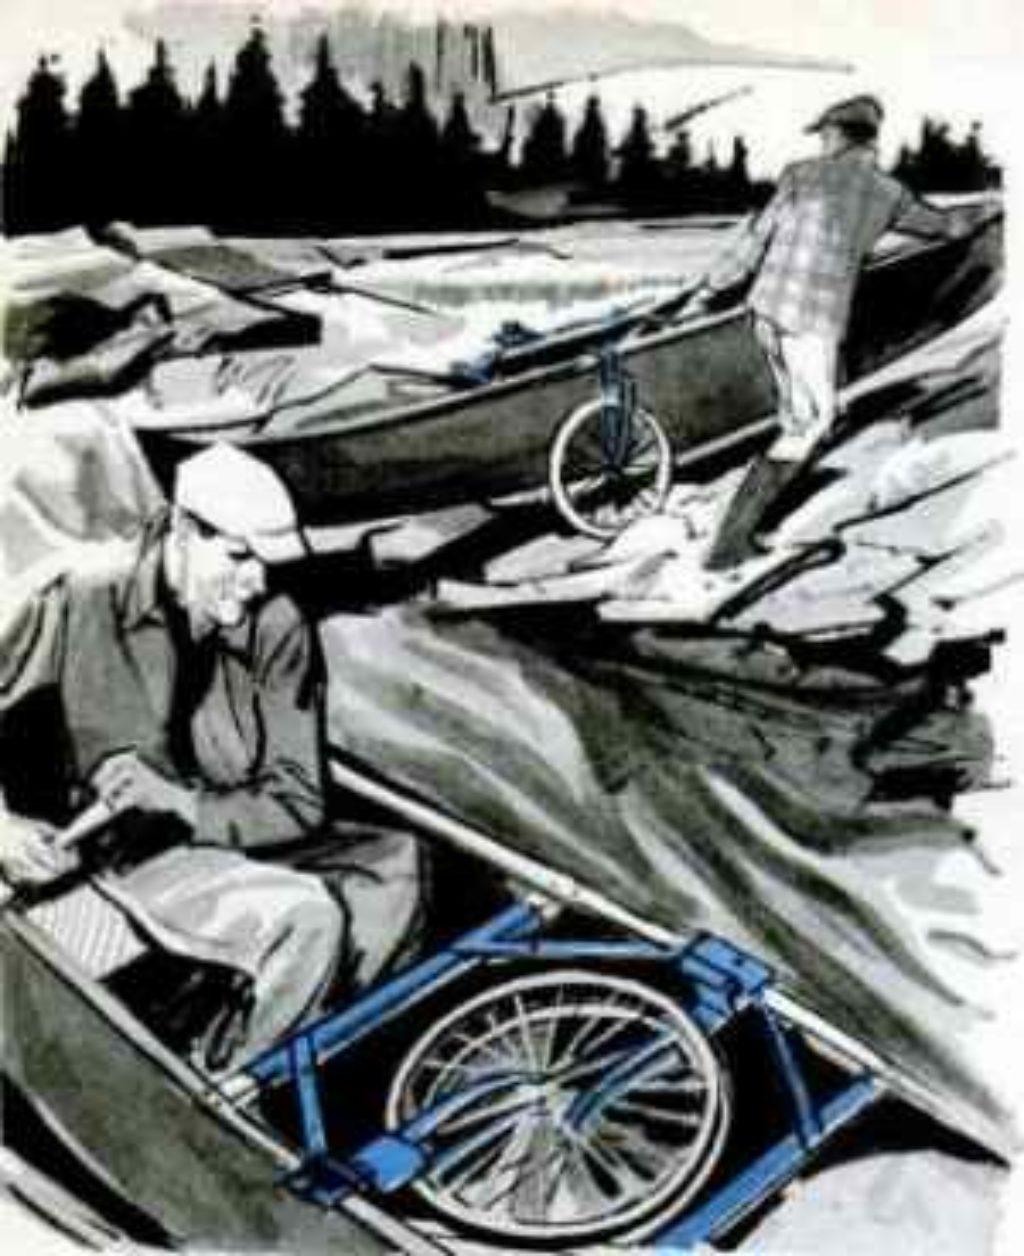 fold in wheels carry boat or canoe